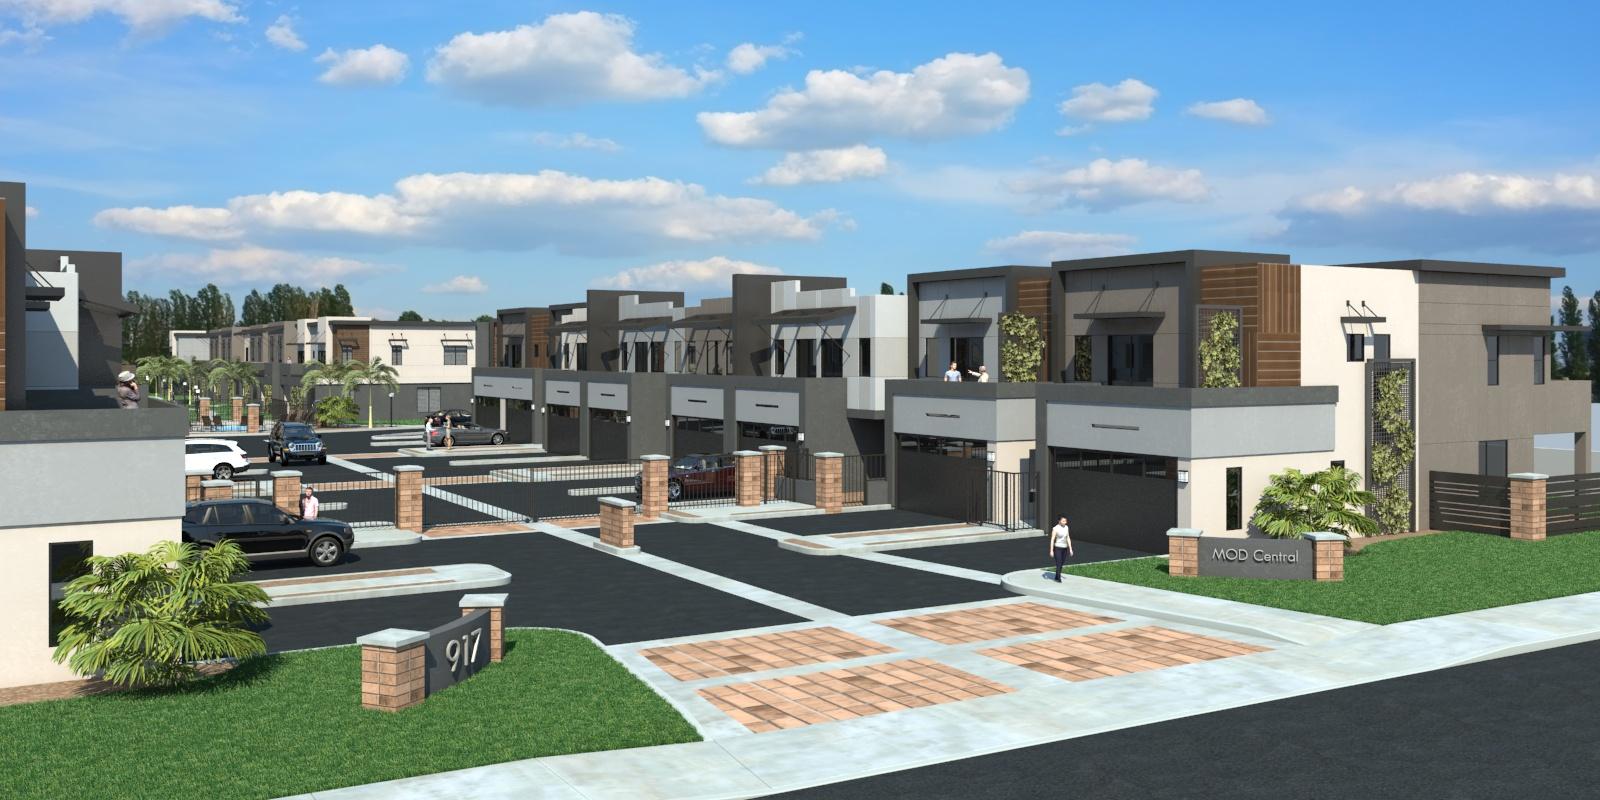 West-Glen-Development-project.jpg